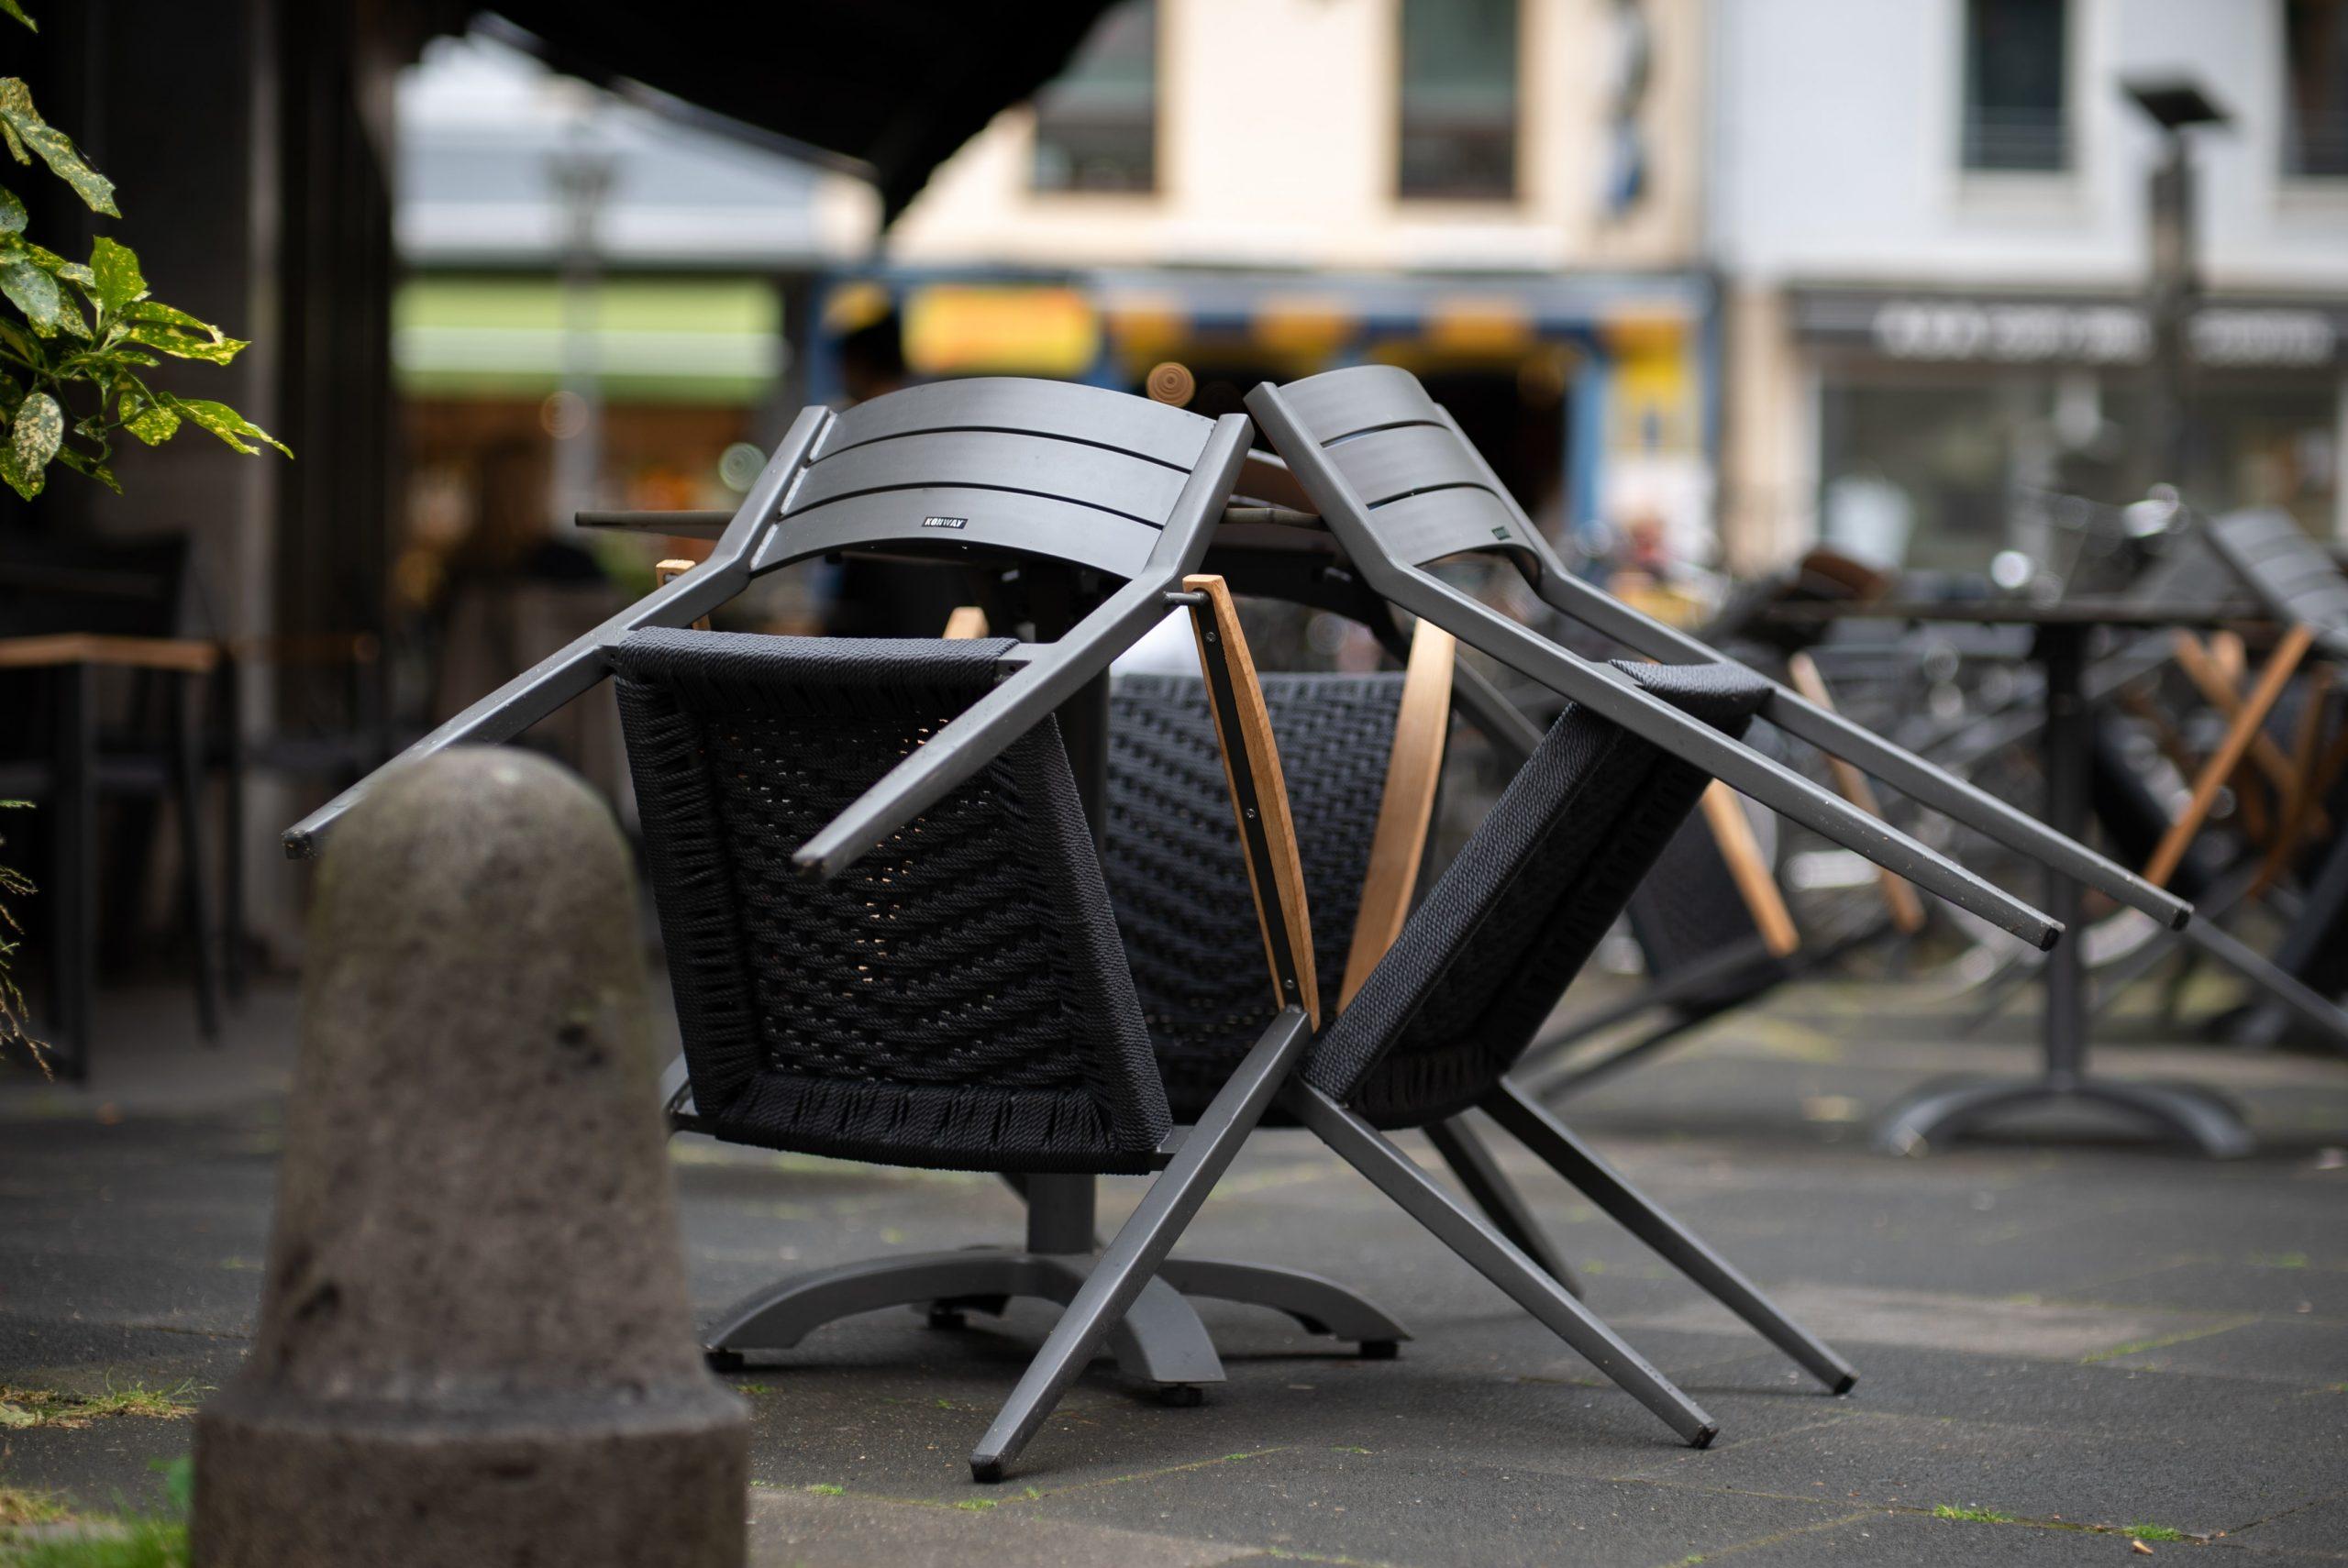 Reštaurácie a iné stravovacie služby- Náhrada škody, ušlého zisku a nemajetkovej ujmy